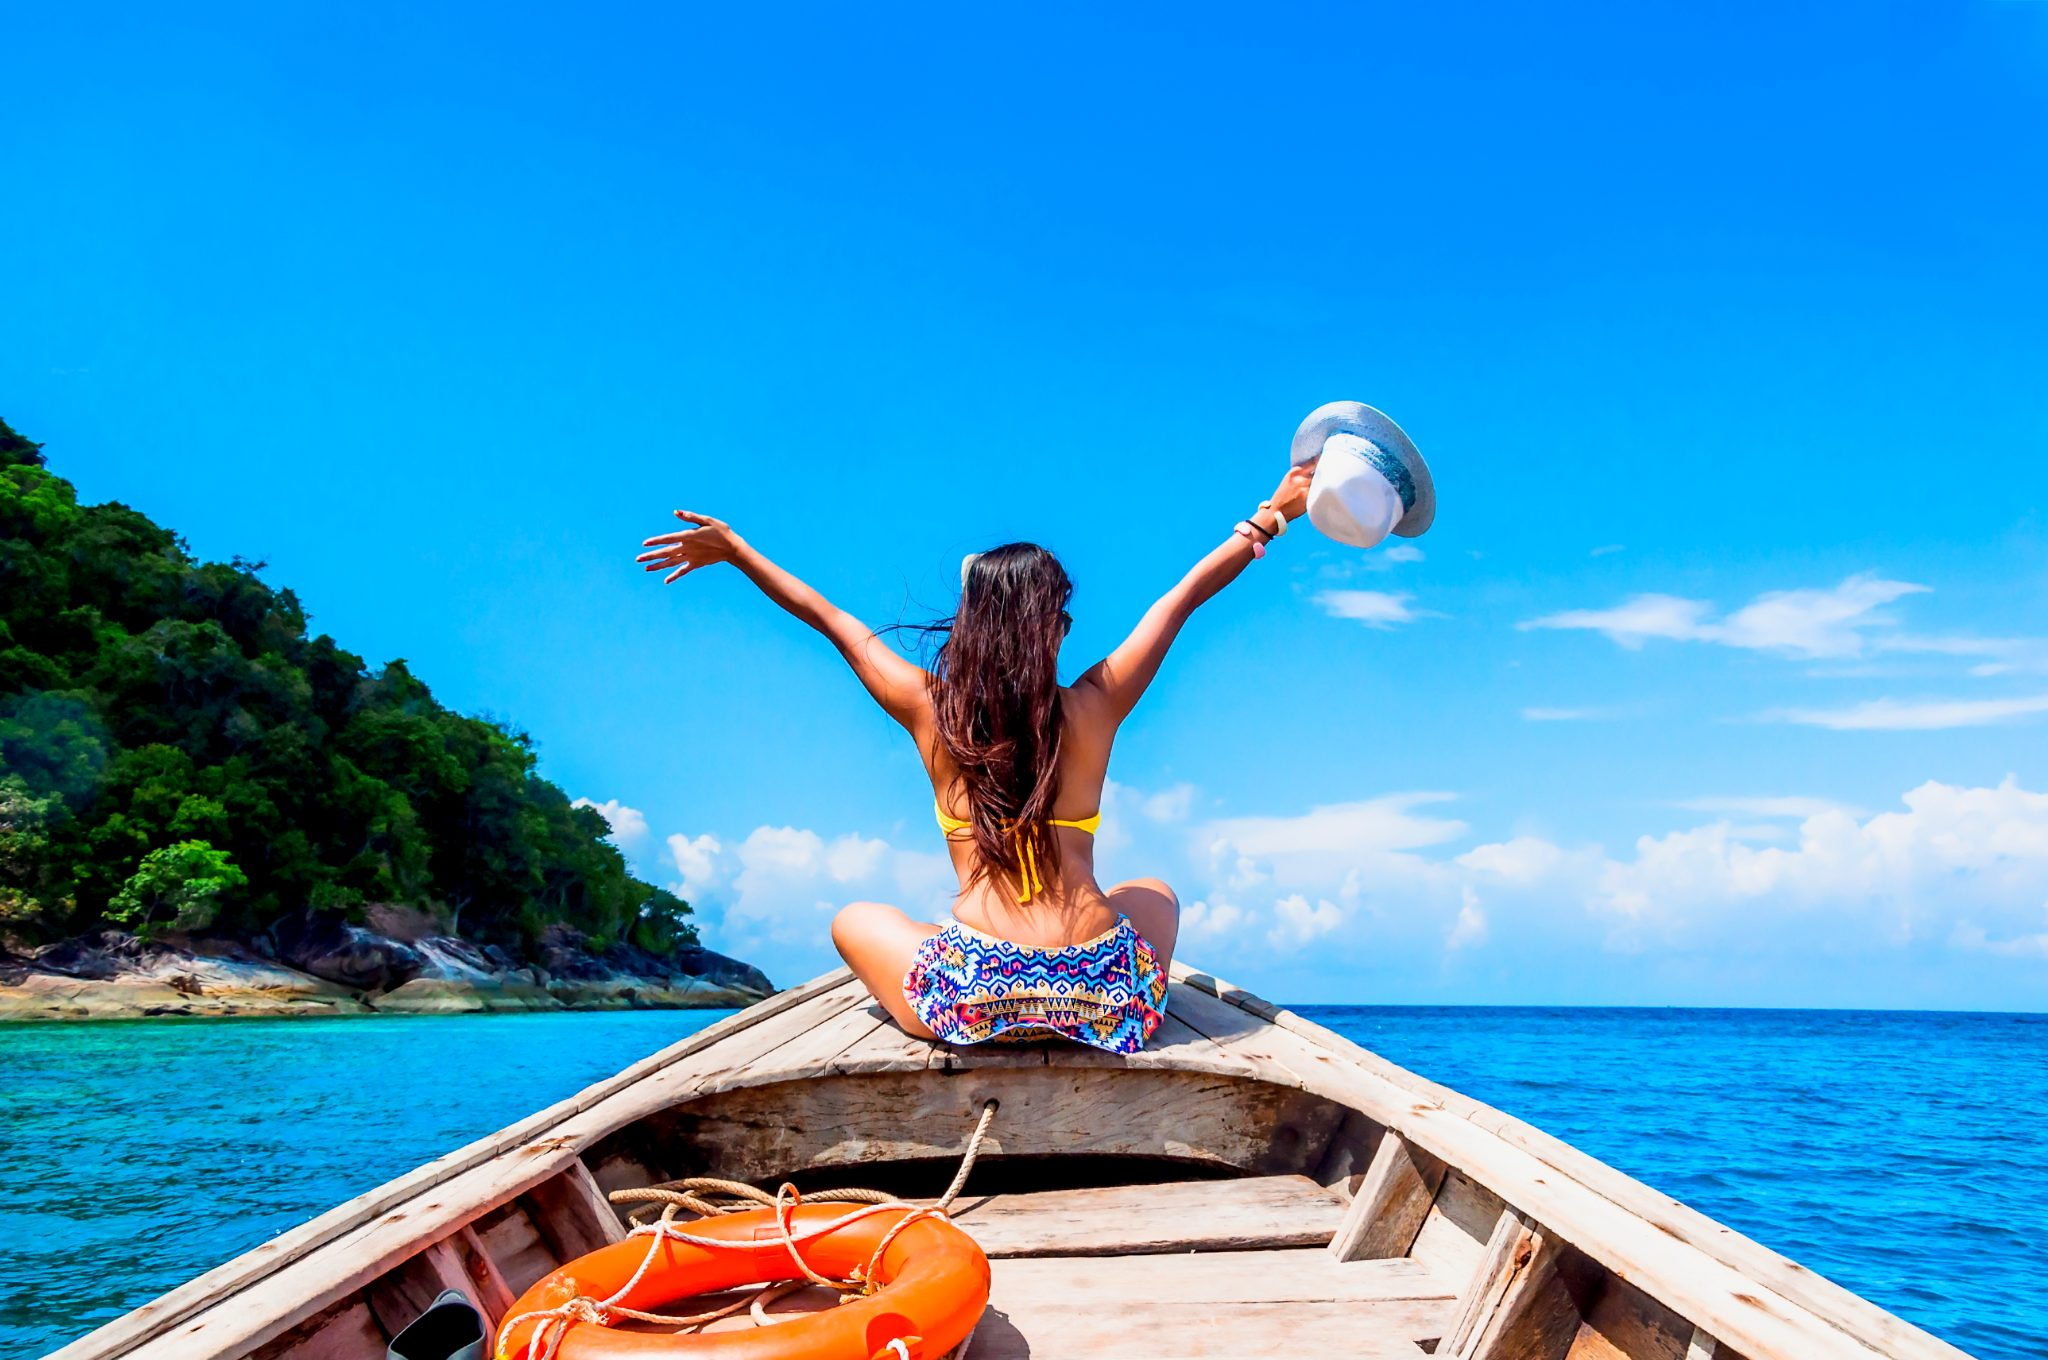 肌のきれいな女性がリゾートビーチでボートに乗っている